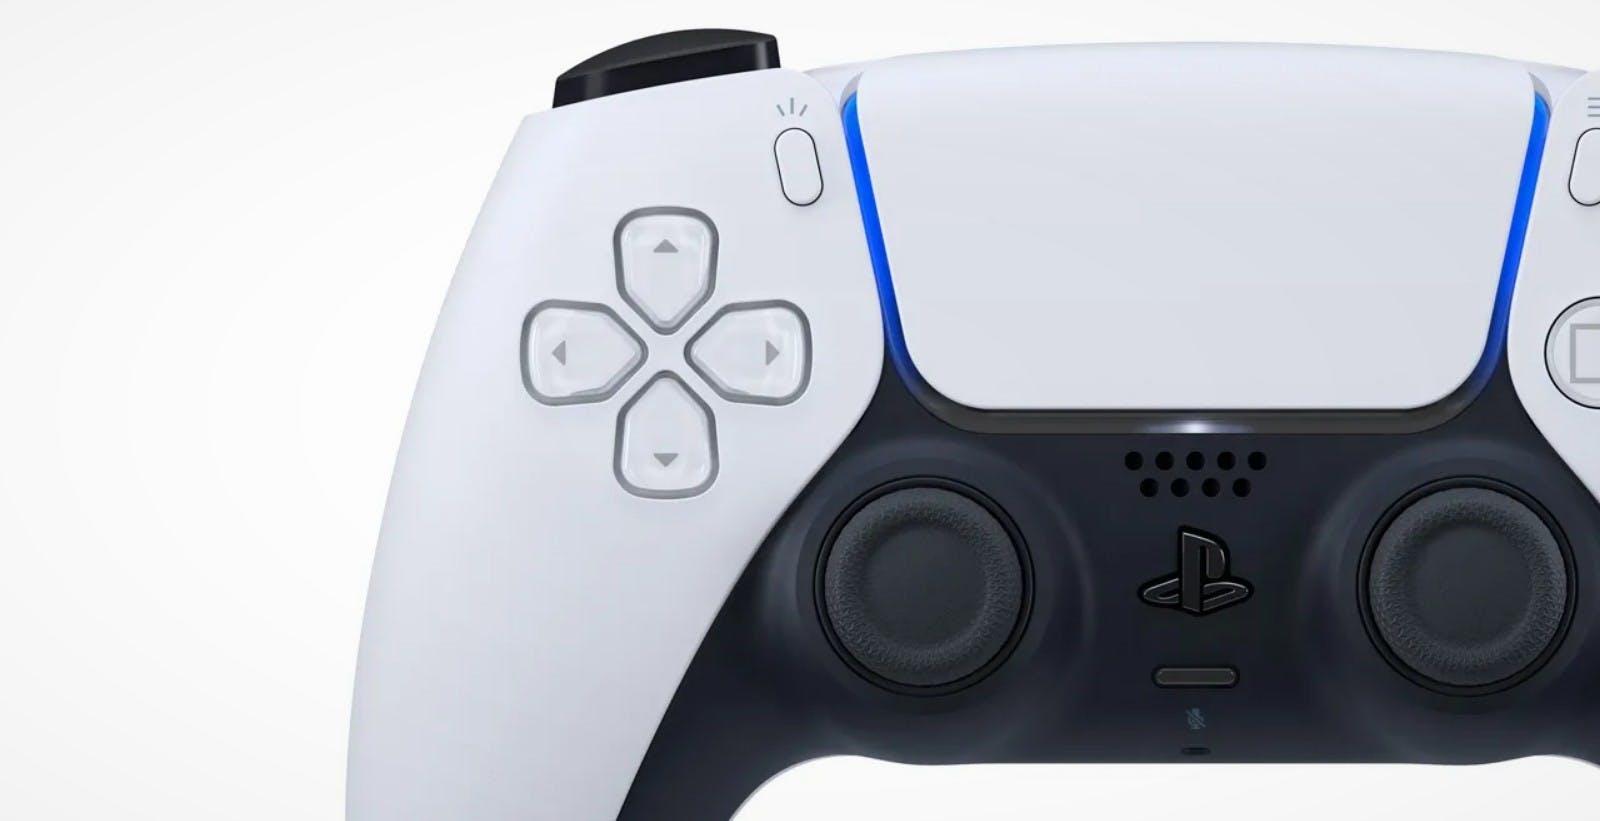 Confermati i prezzi di PlayStation 5: si parte da 399 euro. Arriva a novembre